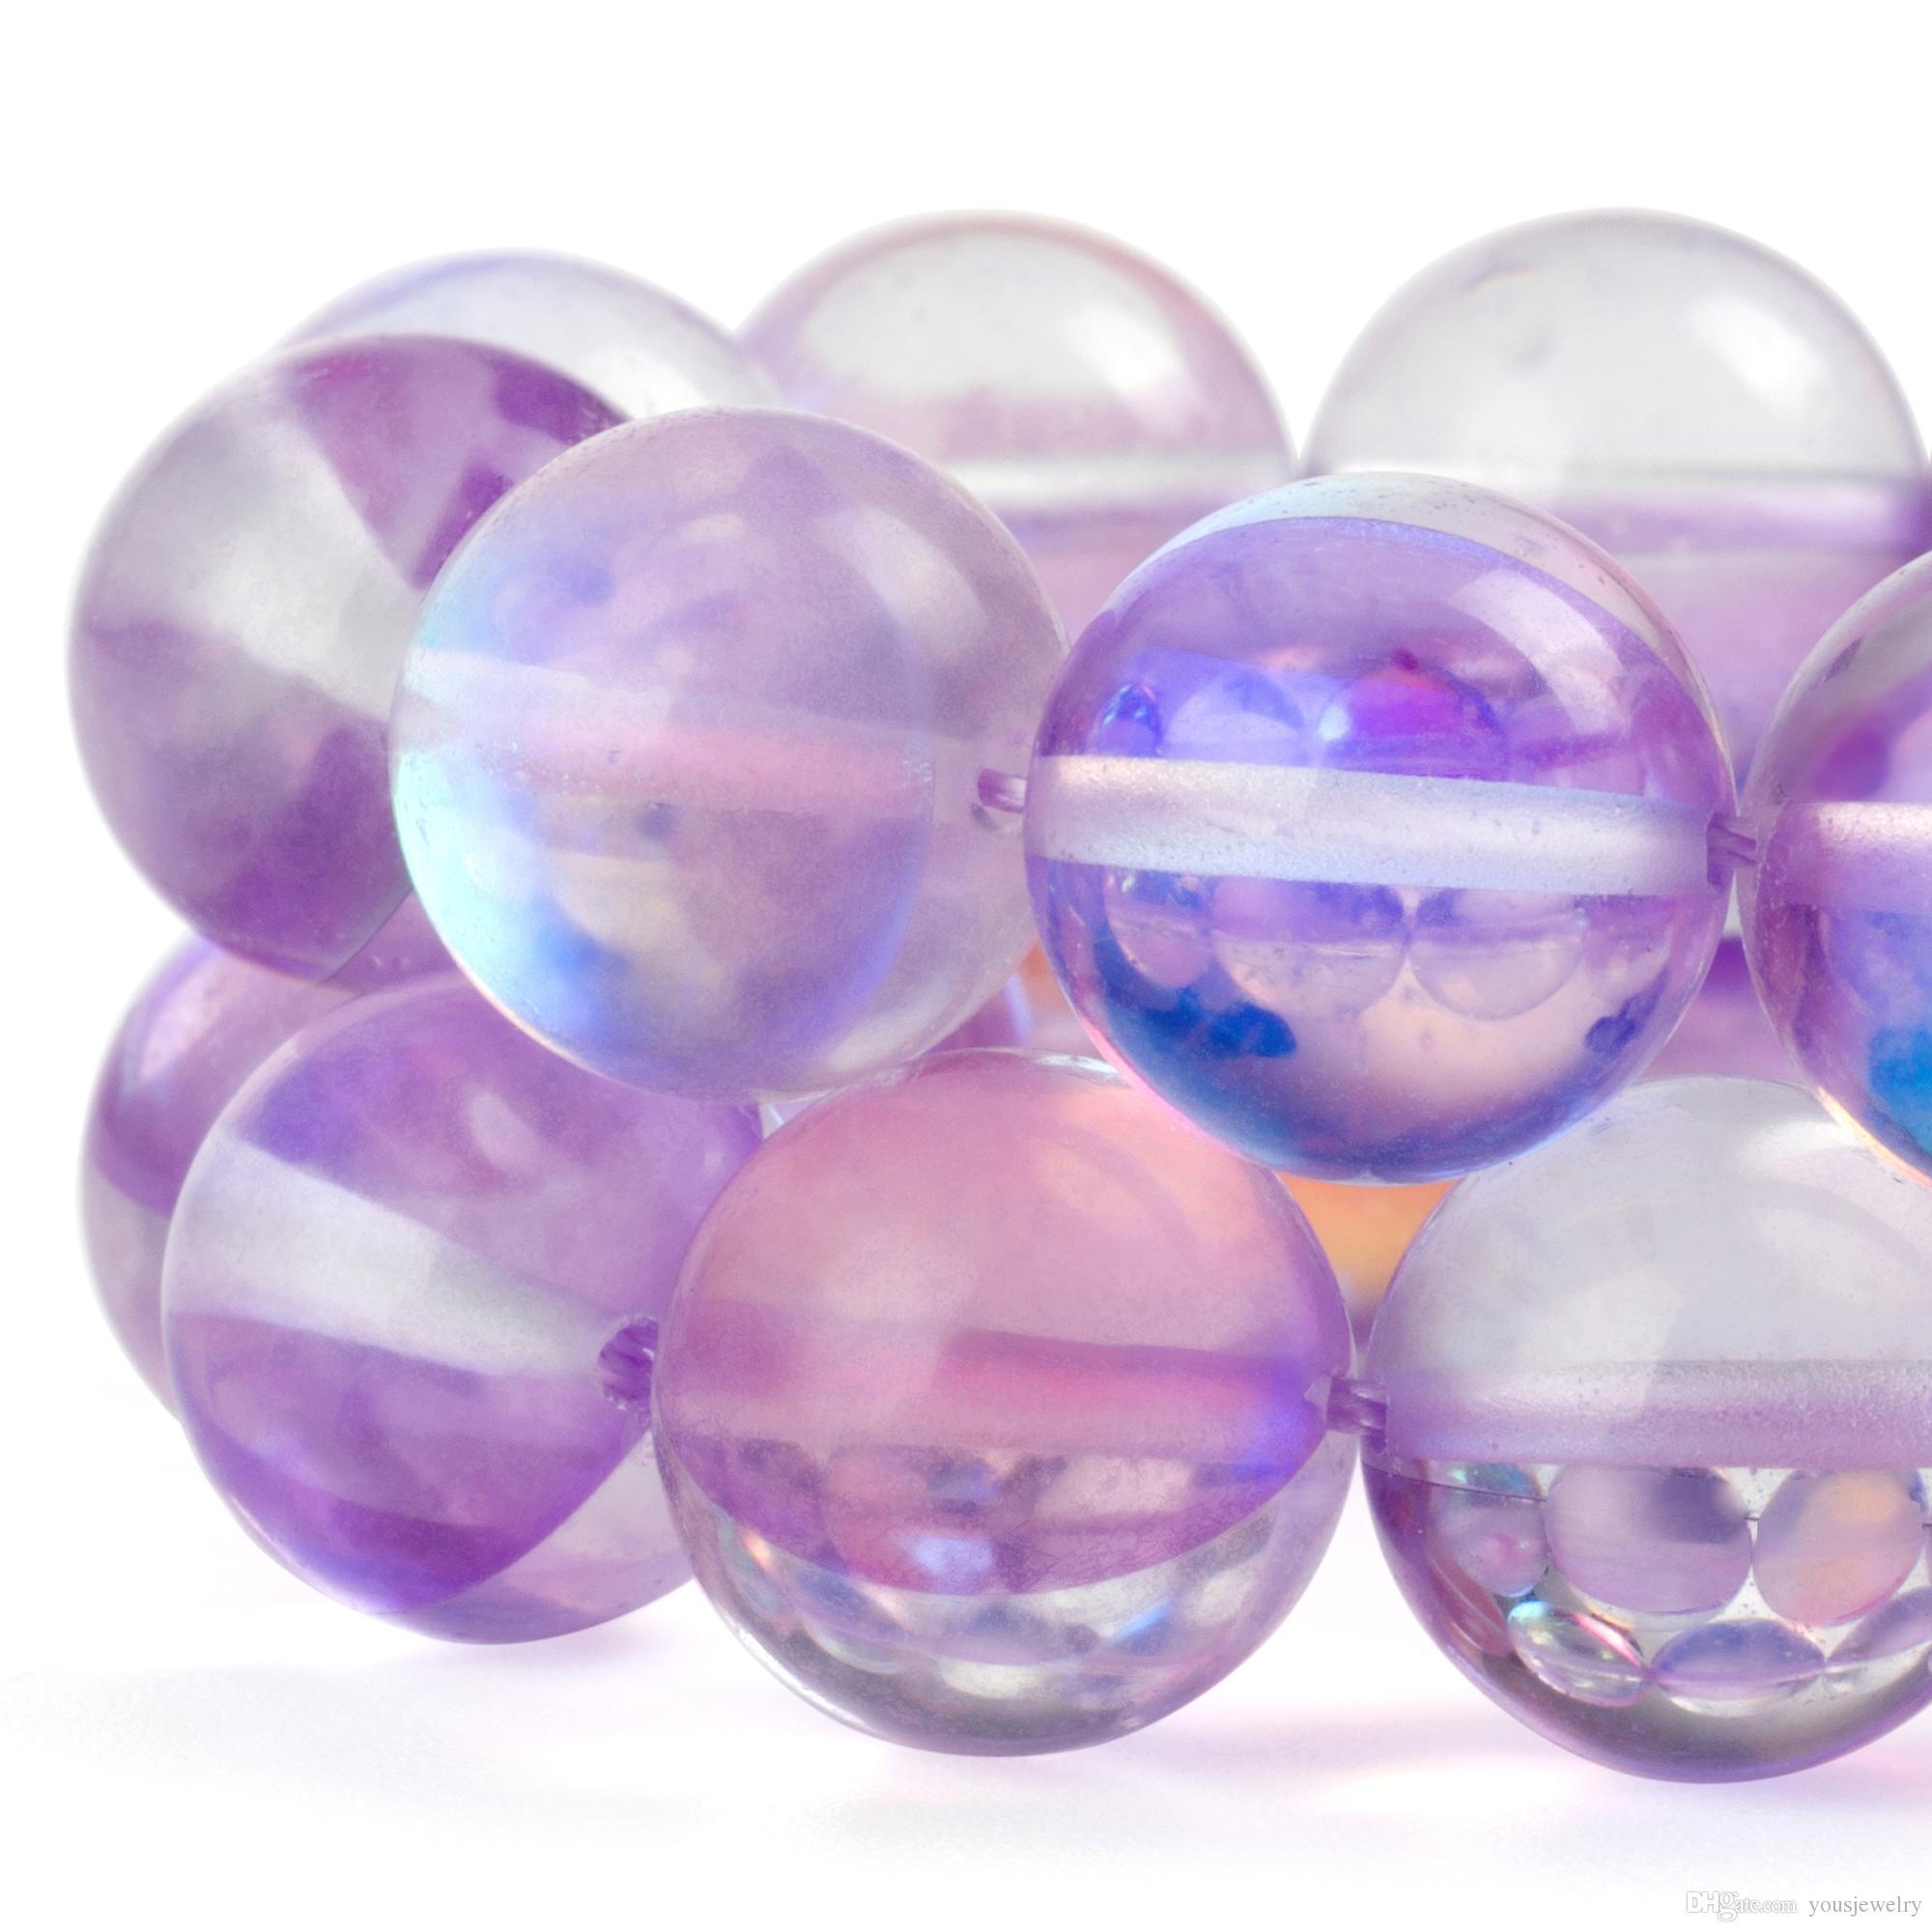 Parlak Yuvarlak Aytaşı Boncuk Işık Mor Kristal Cam AB Buzlu Aura Yanardöner Gevşek Boncuklu Takı Yapımı için 1 Strand 15 Inç 6-12mm